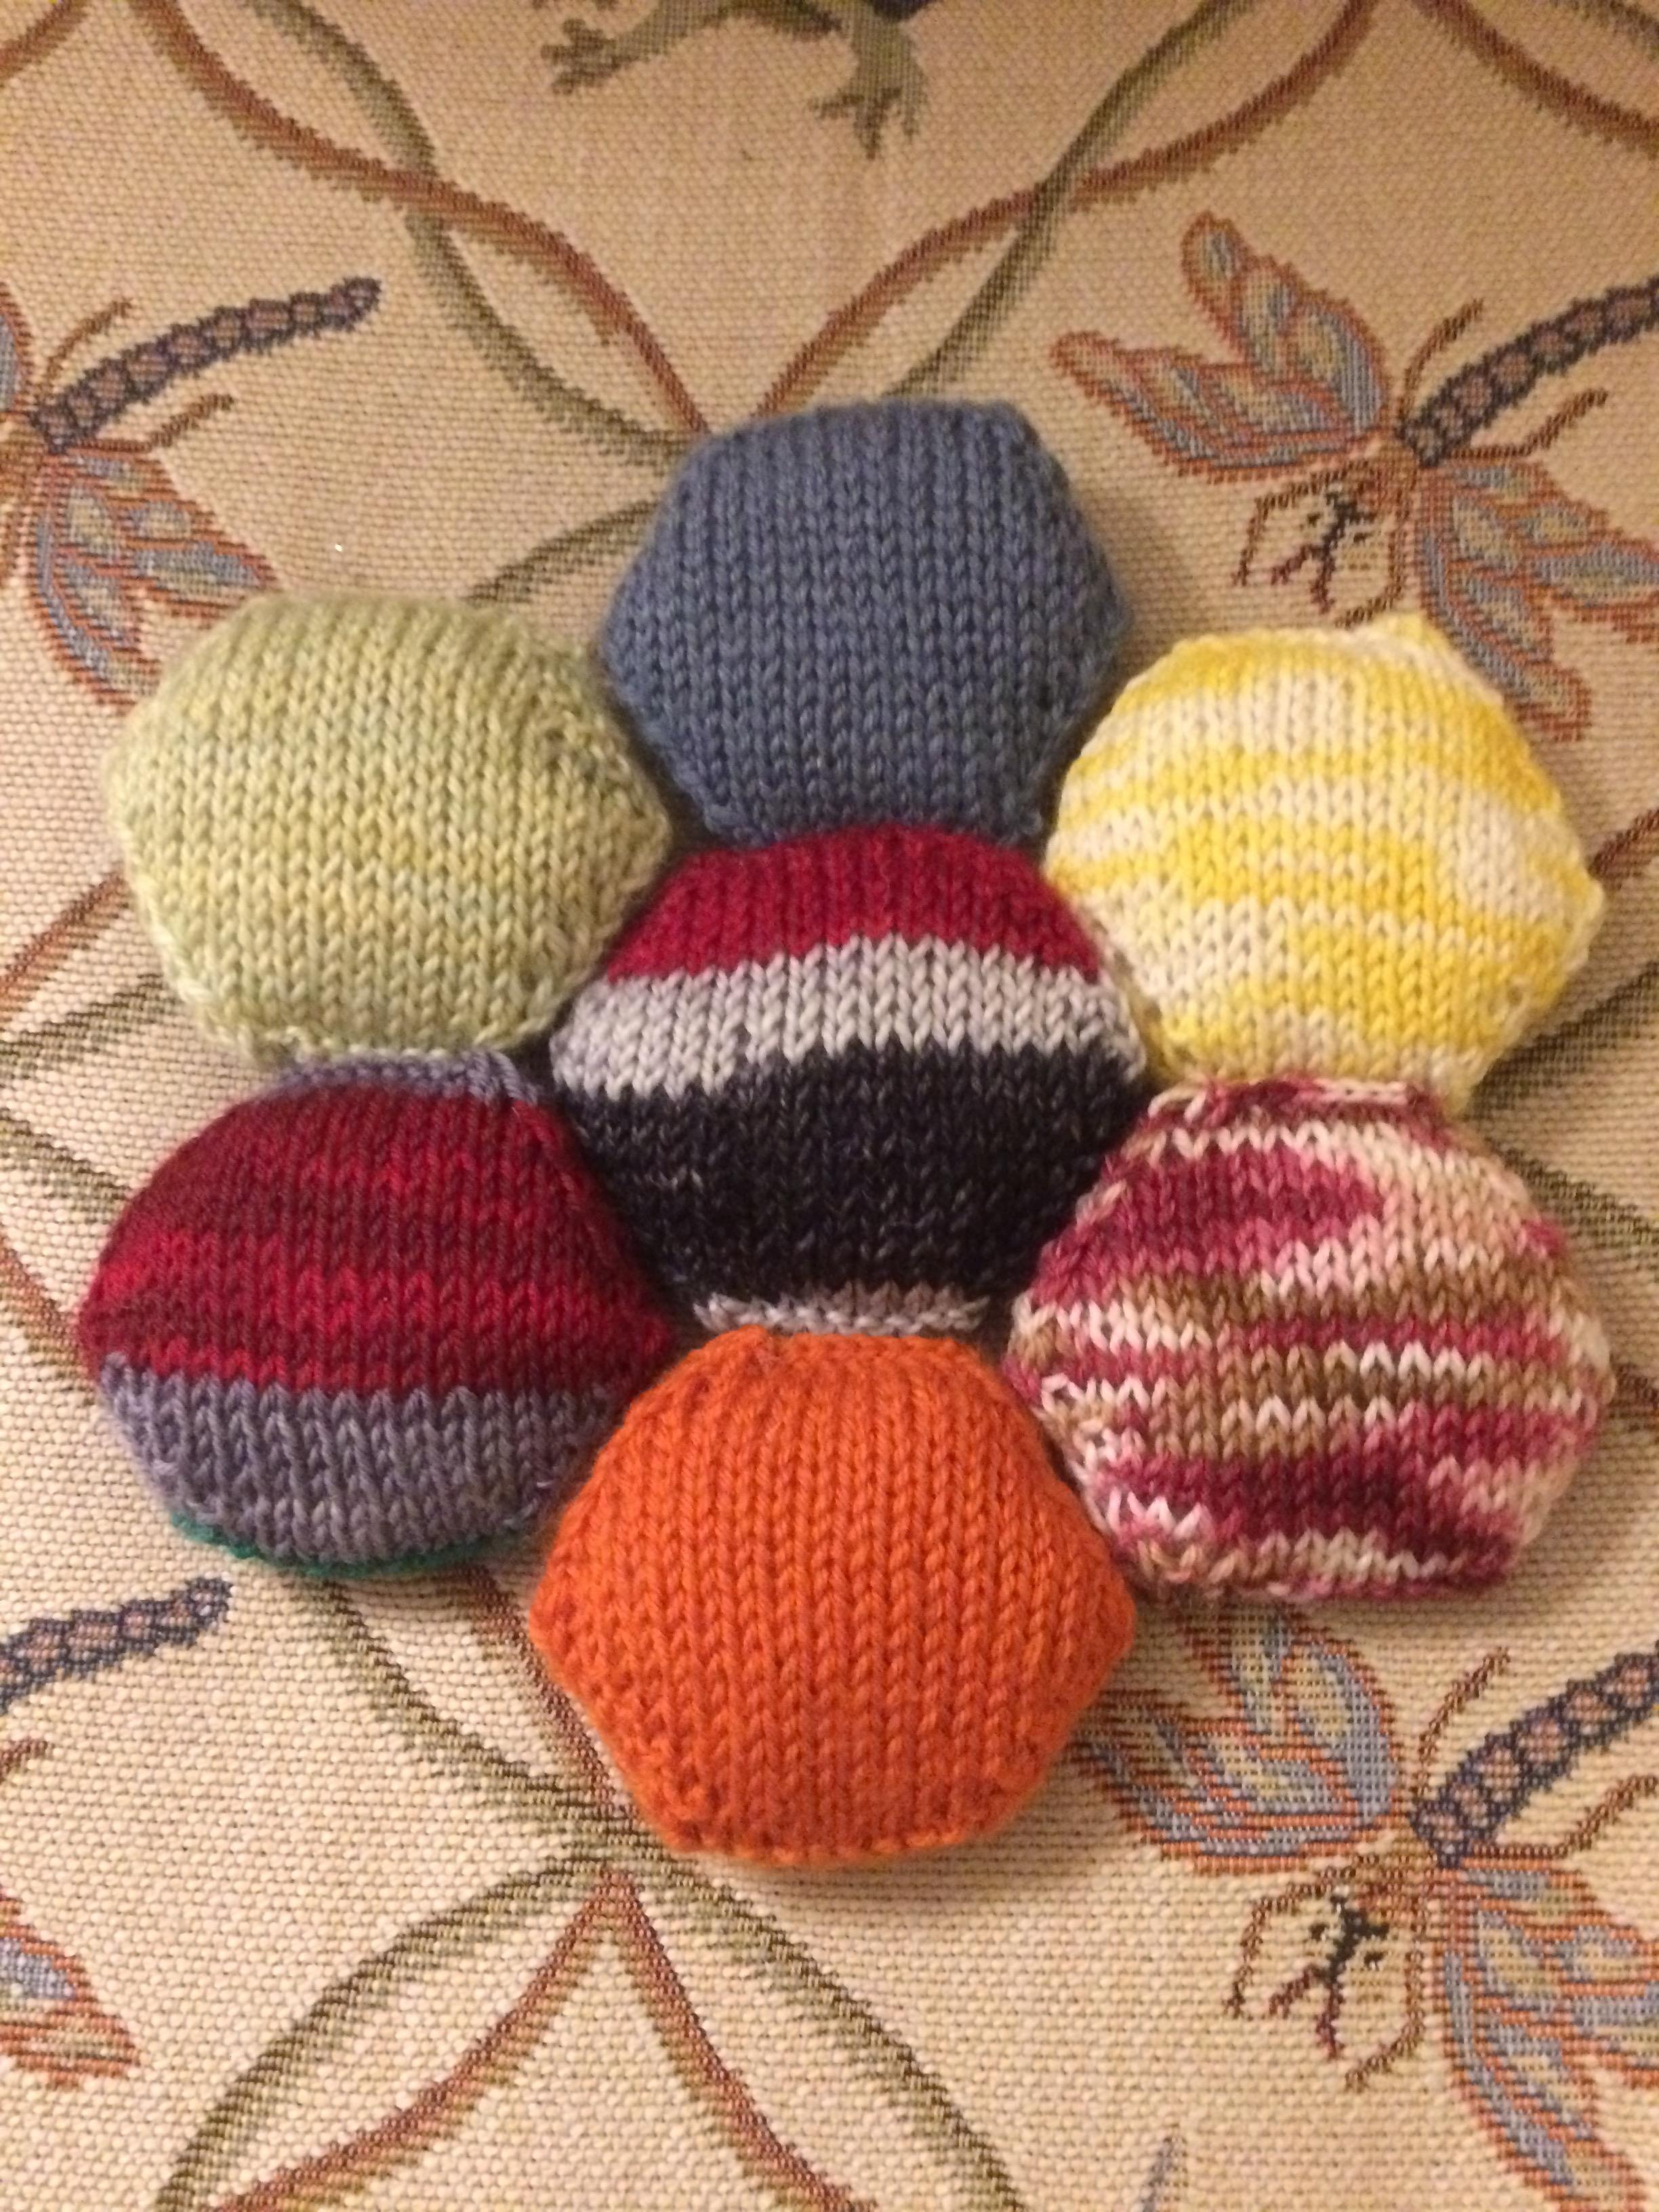 Scrap Yarn Projects Knitting Daddy